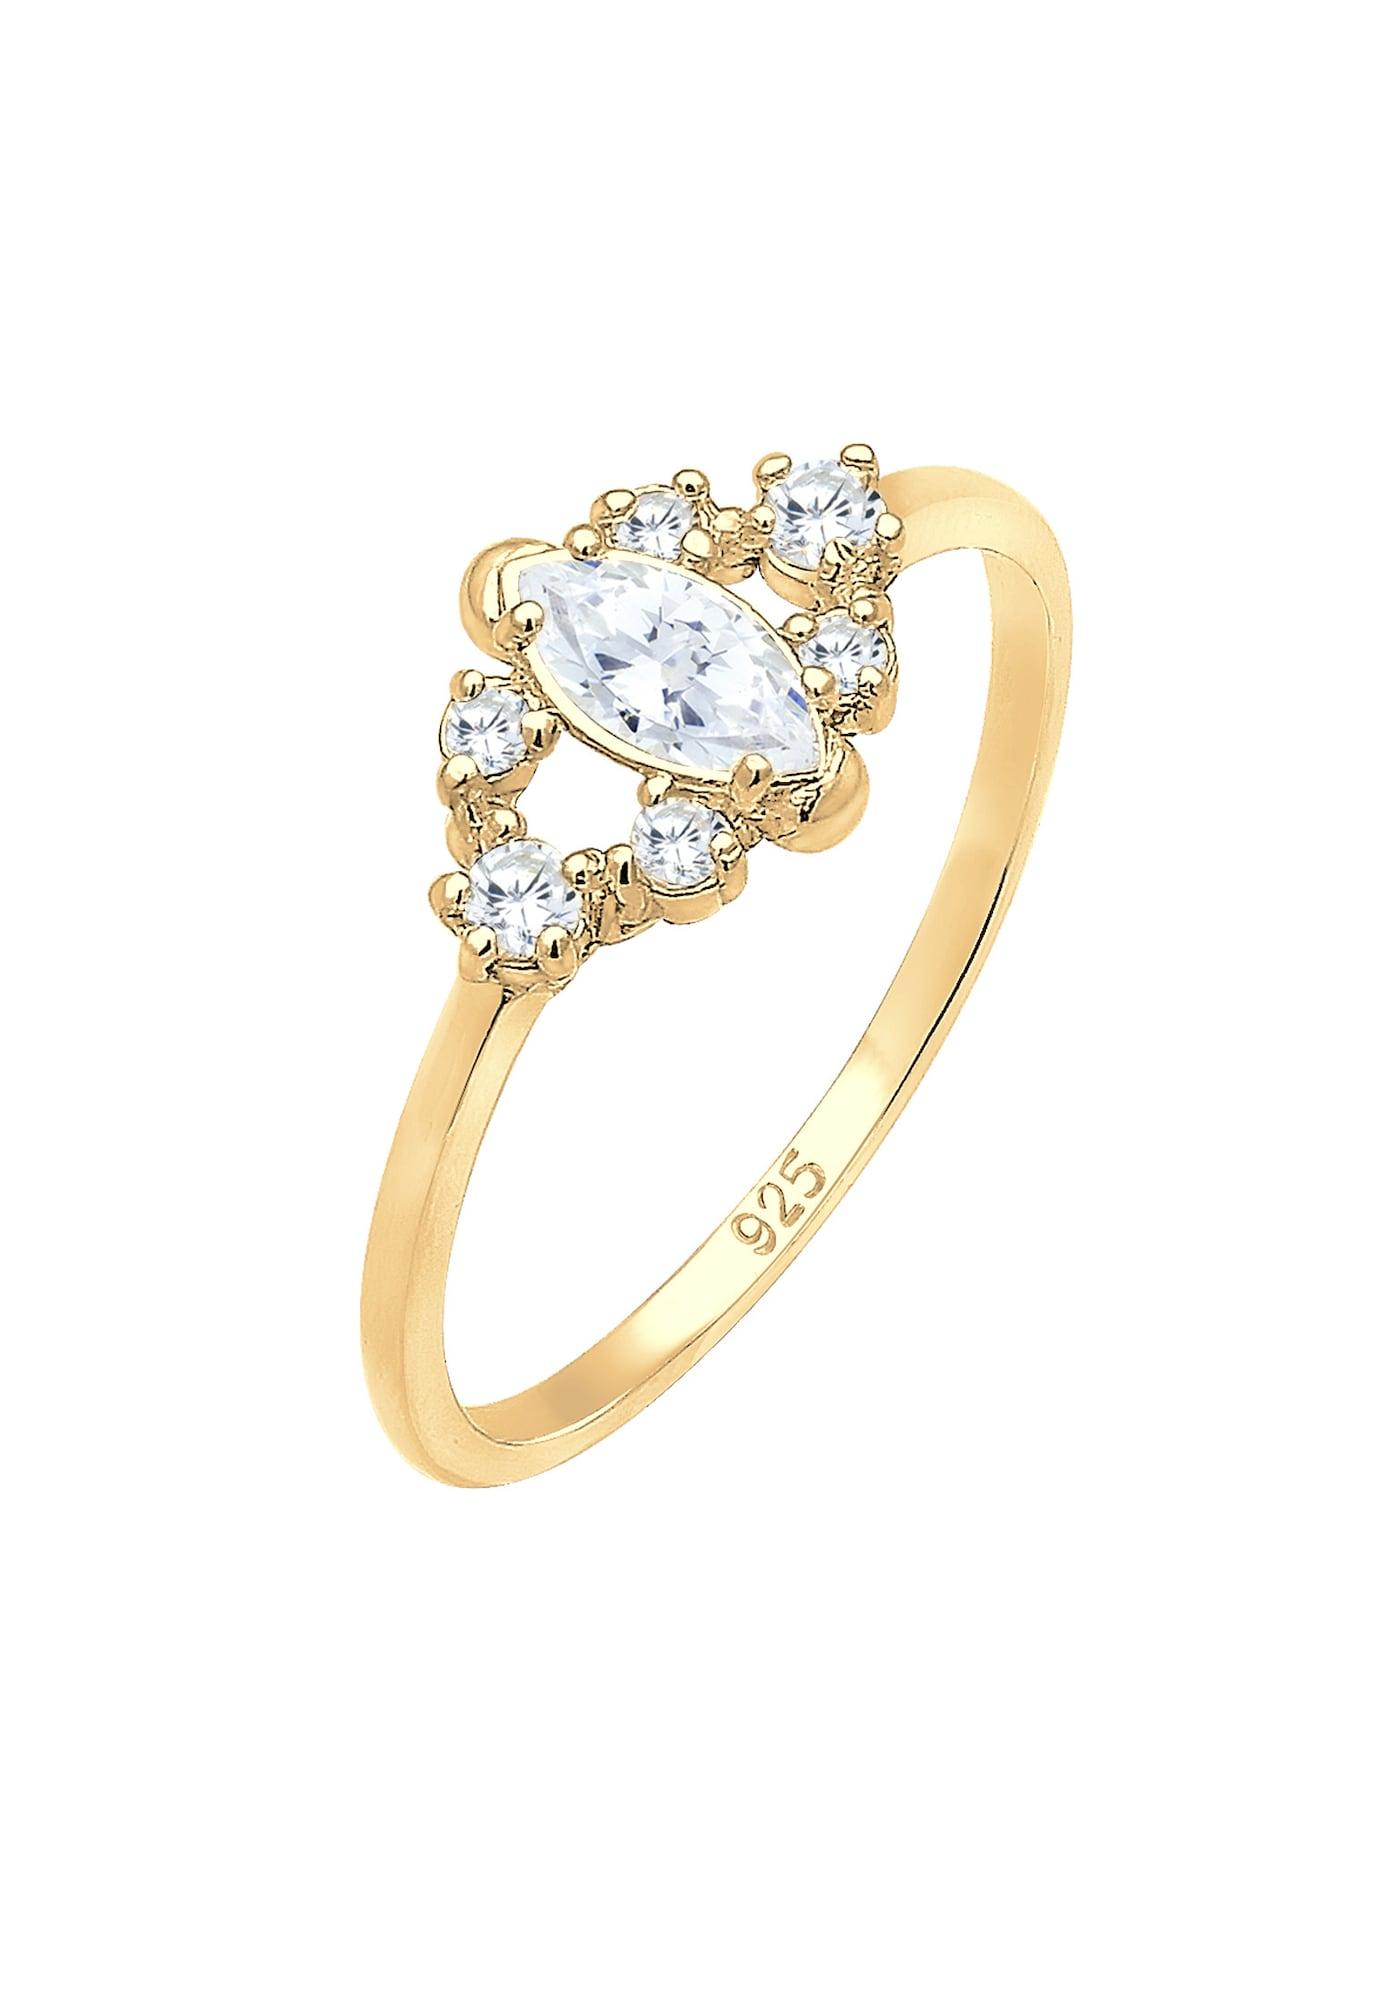 Verlobungsring | Schmuck > Ringe > Verlobungsringe | Gold | ELLI